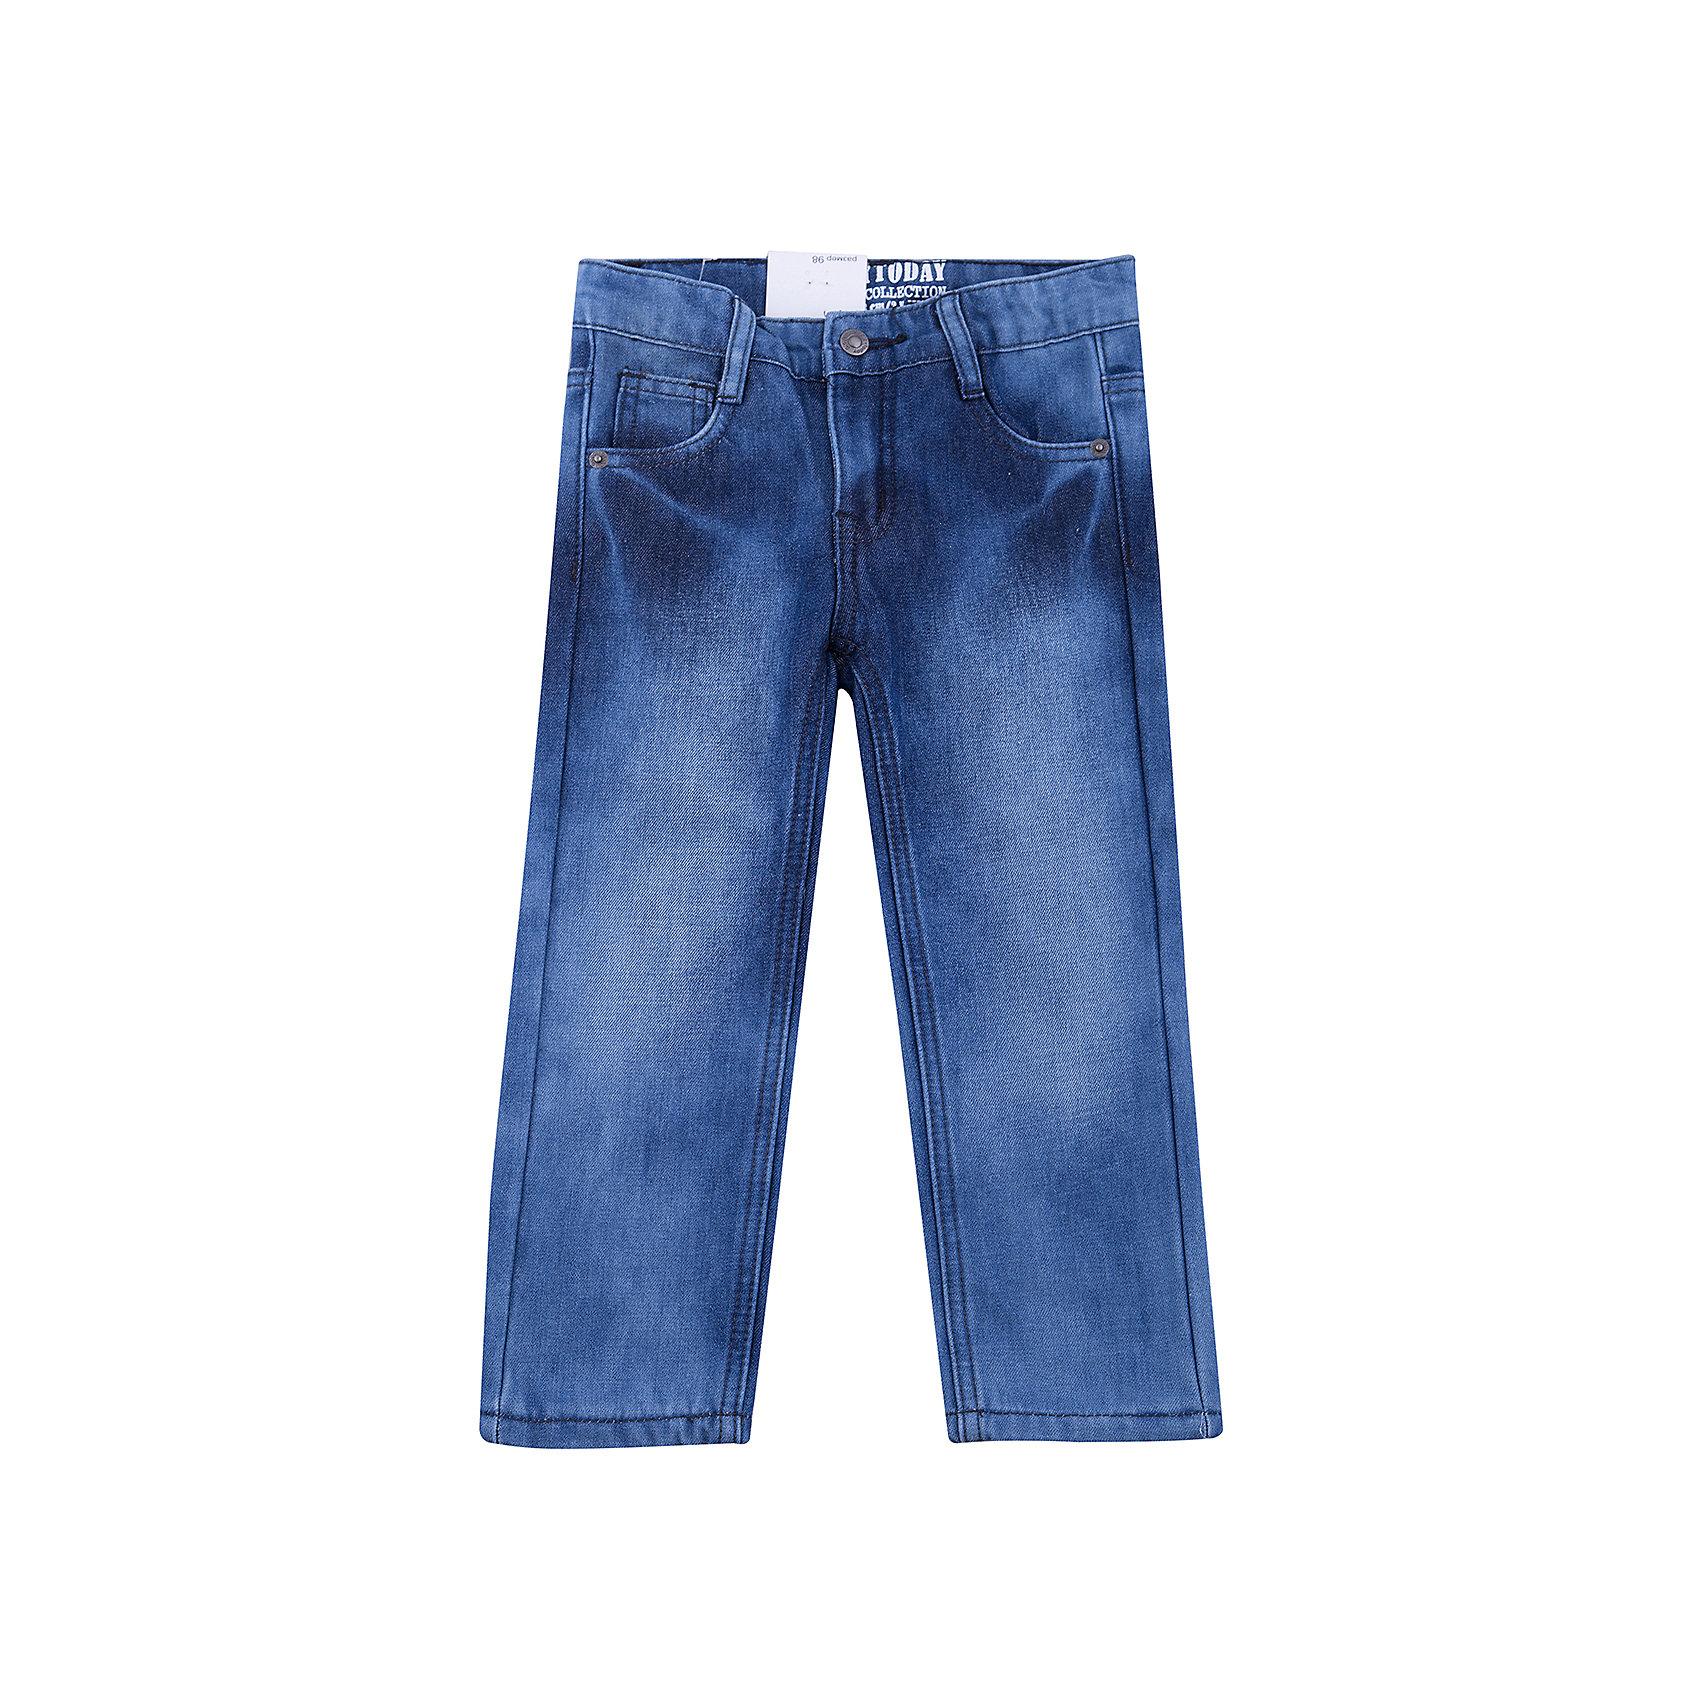 Джинсы PlayToday для мальчикаДжинсы<br>Джинсы PlayToday для мальчика<br>Брюки джинсы из смесовой ткани. Добавление в материал эластана позволяет изделию хорошо сесть по фигуре. В качестве декора использованы потертости. Модель со шлевками, при необходимости можно использовать ремень.<br>Состав:<br>50% хлопок, 50% полиэстер<br><br>Ширина мм: 215<br>Глубина мм: 88<br>Высота мм: 191<br>Вес г: 336<br>Цвет: синий<br>Возраст от месяцев: 36<br>Возраст до месяцев: 48<br>Пол: Мужской<br>Возраст: Детский<br>Размер: 104,110,116,122,128,98<br>SKU: 7110688